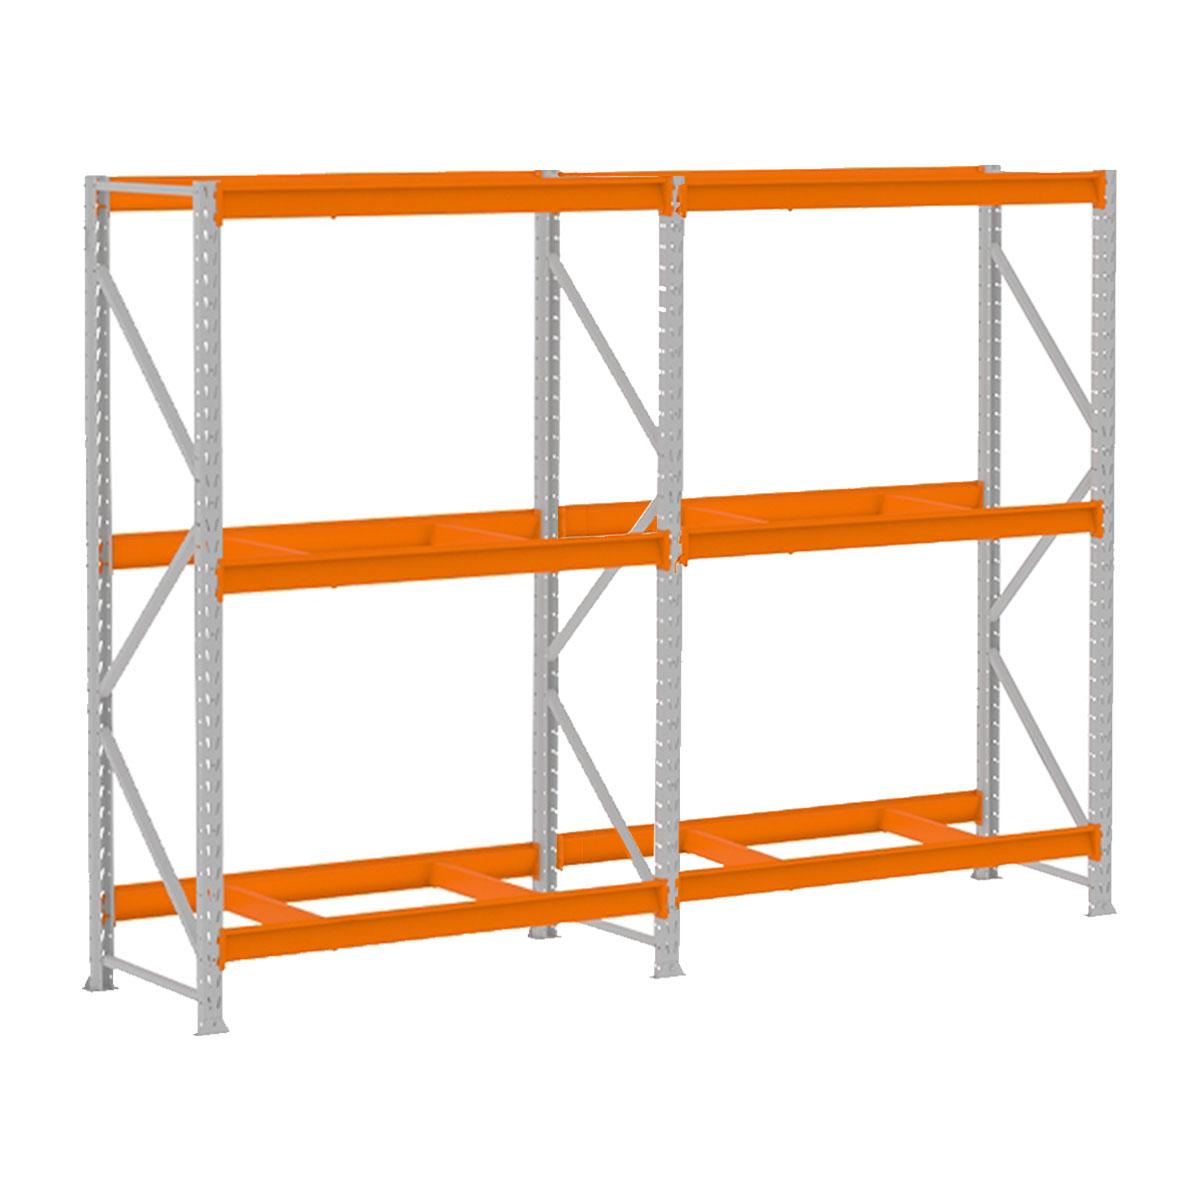 Mini Porta Pallet Mpp500 Kit Inicial + Continuação Laranja 2,00 x 1,80 x 0,80 Sem Bandejas 500 Kg - Amapá  - Carmel Equipamentos